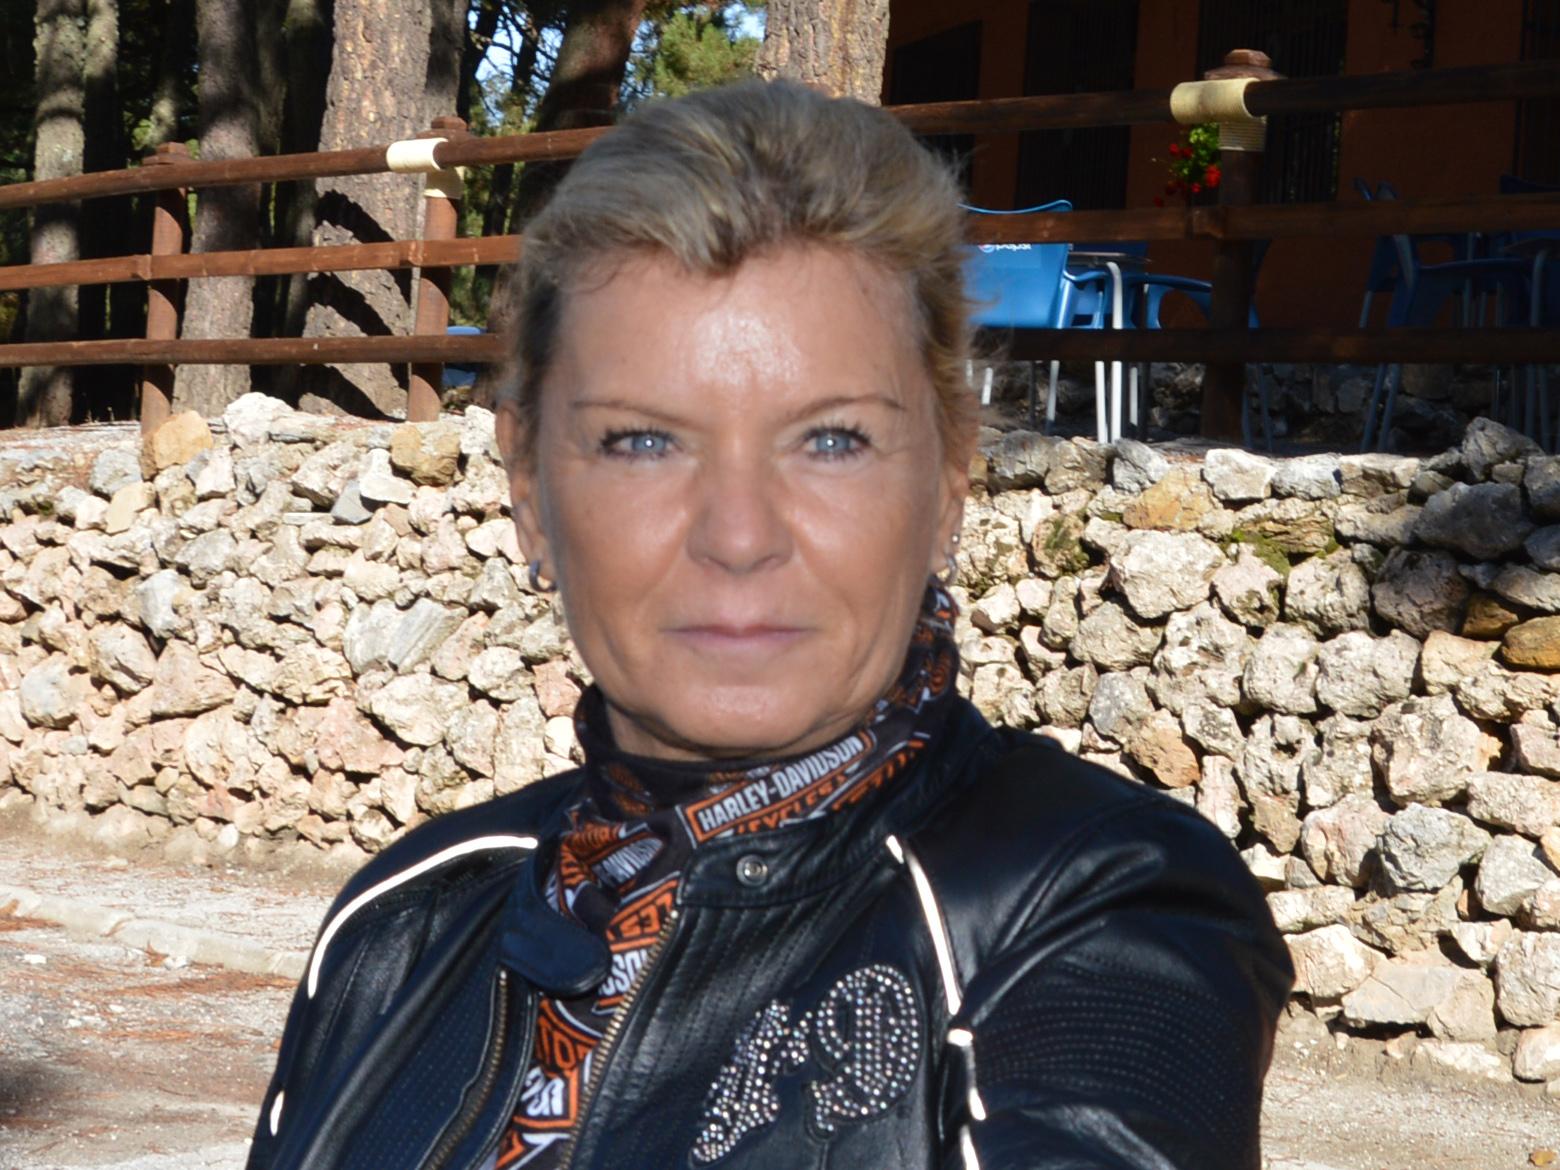 Manuela Wohlkönig